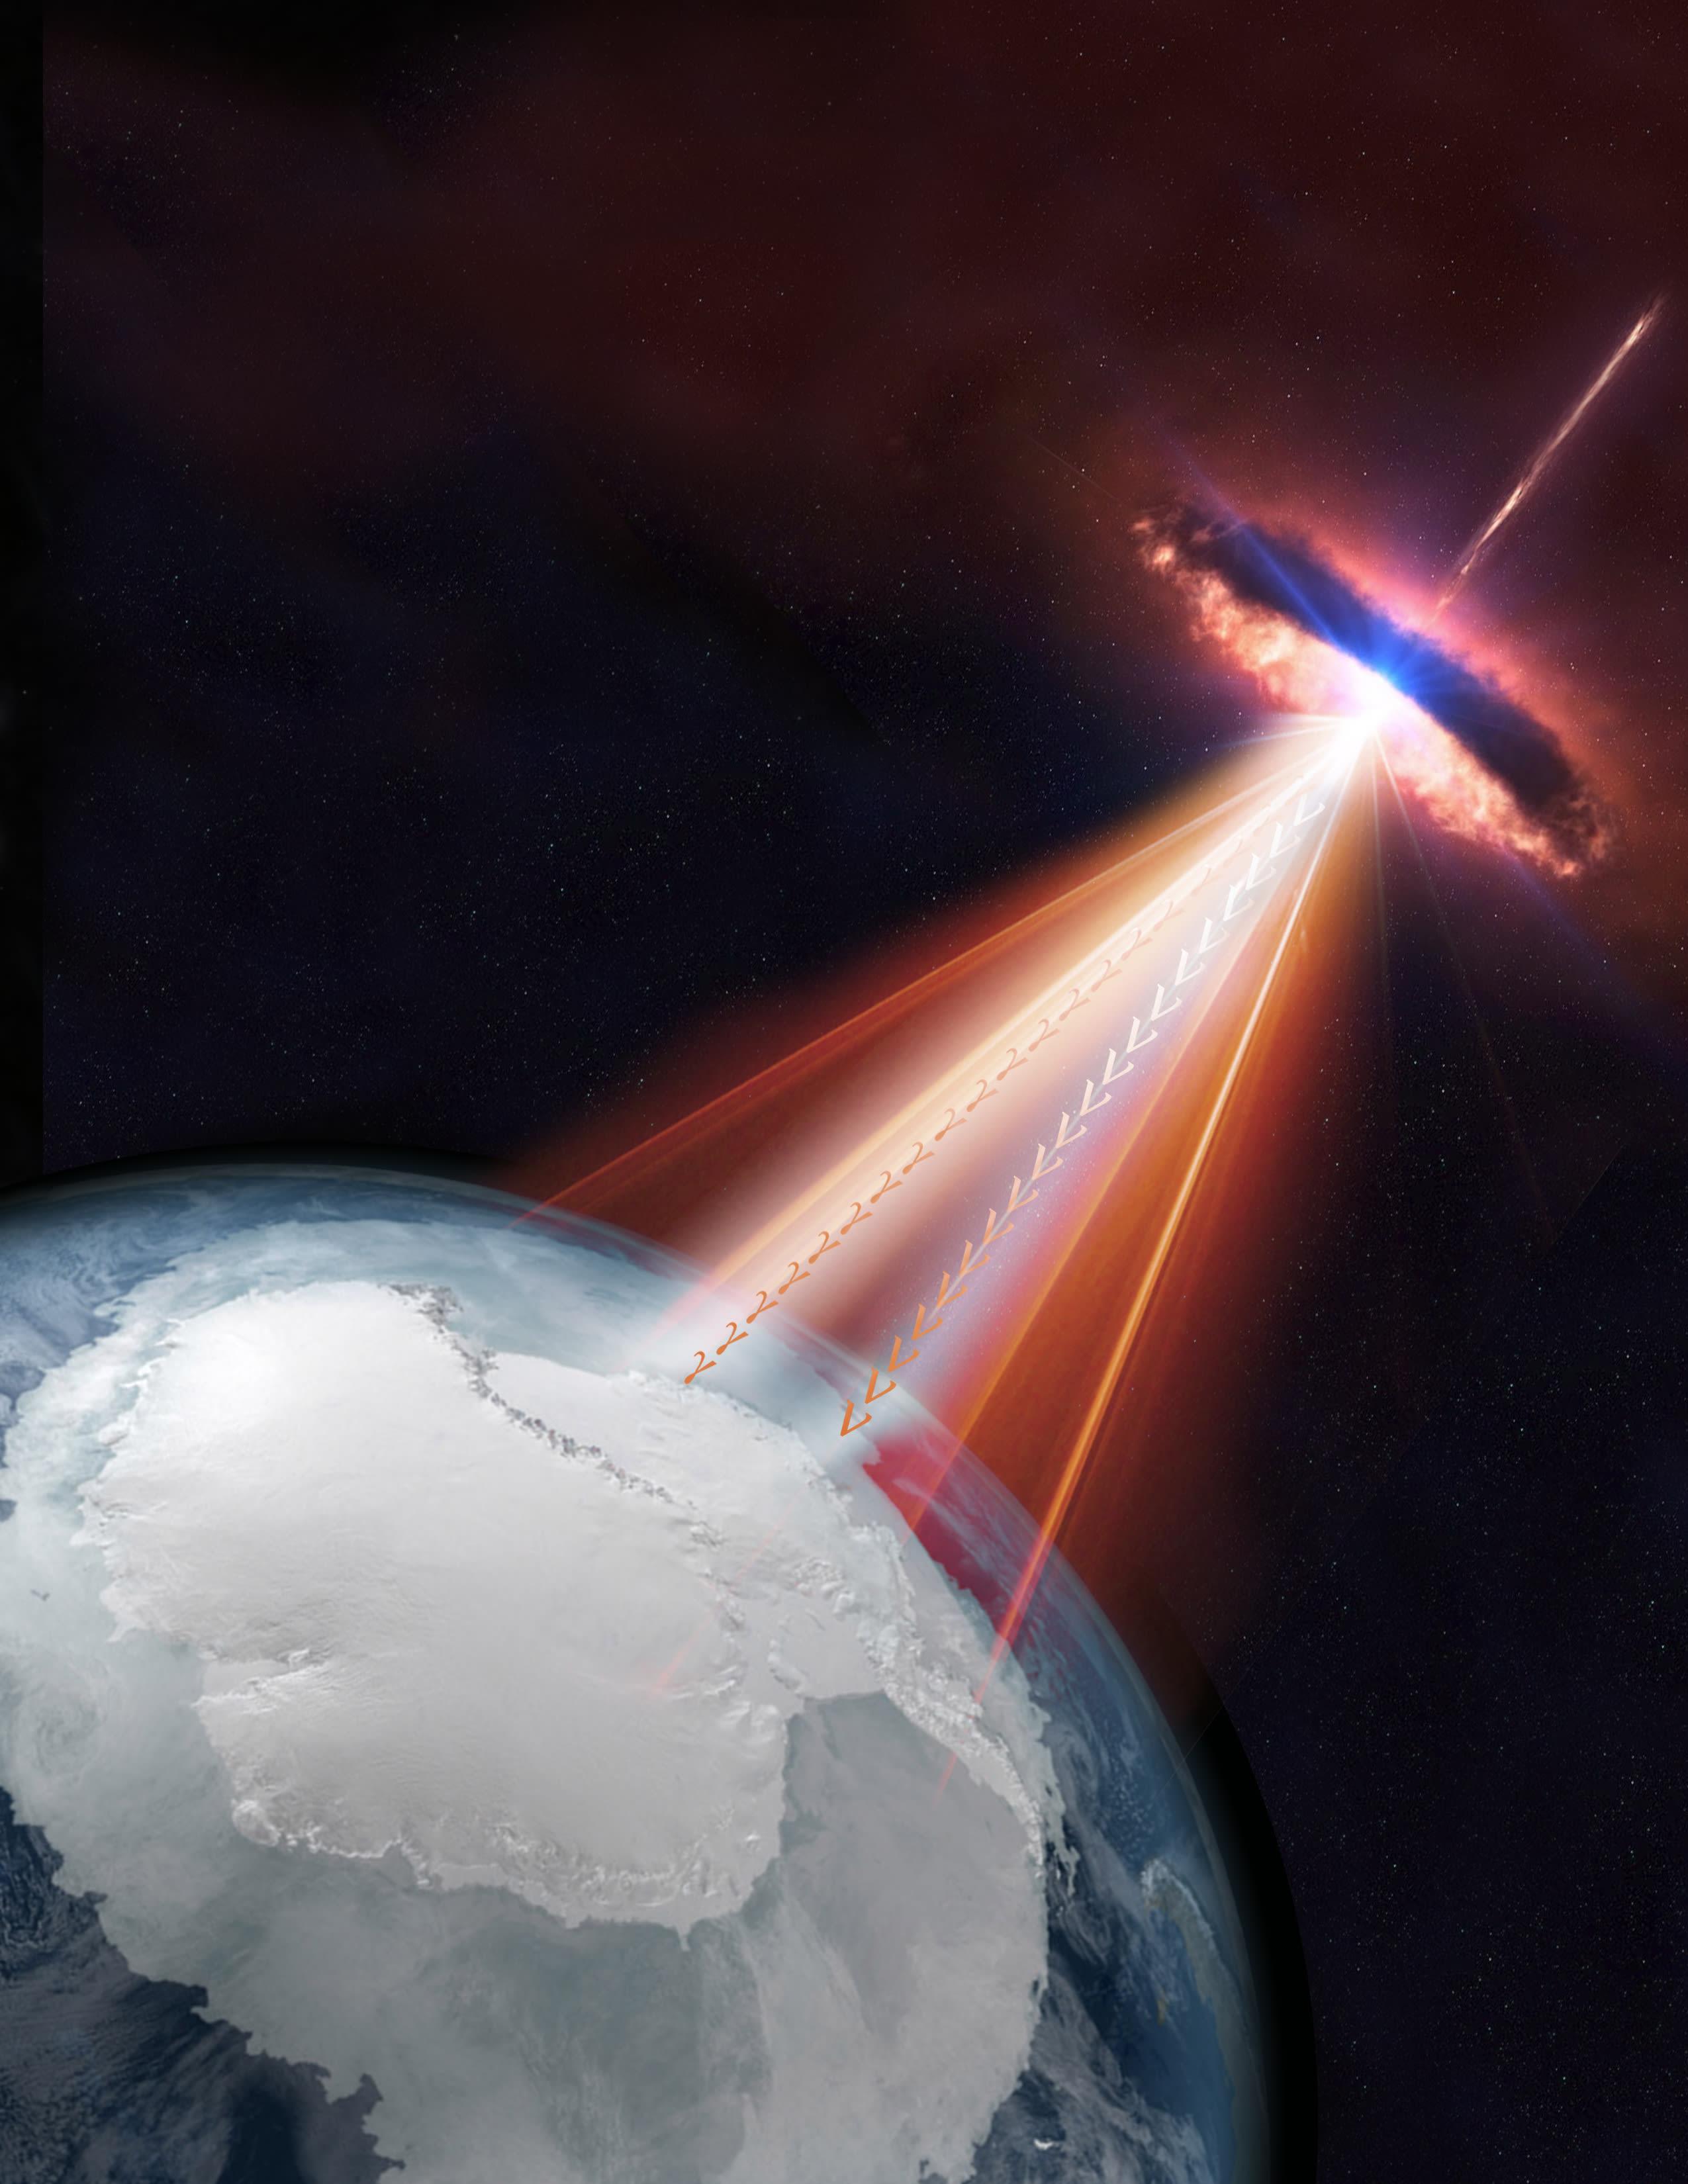 Blazar shoots neutrinos and gamma rays to Earth